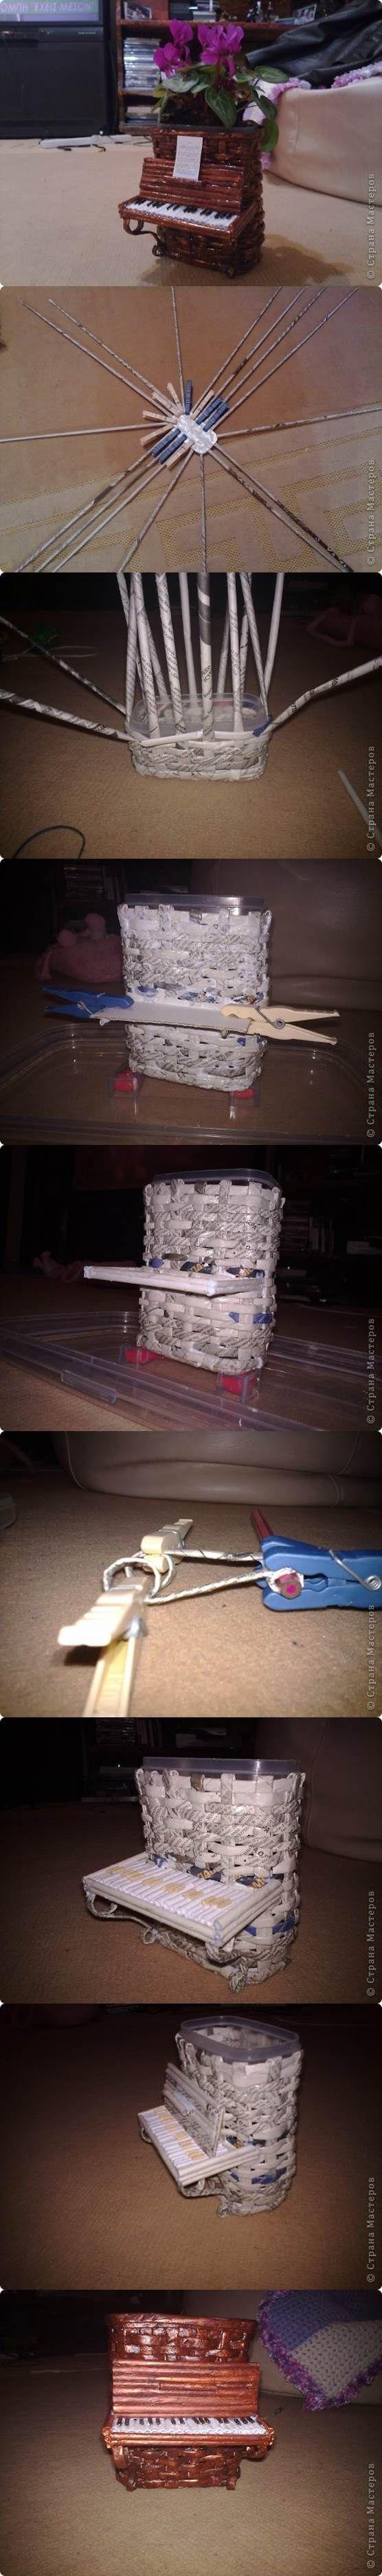 DIY Woven Paper Piano Flower Pot | iCreativeIdeas.com Follow Us on Facebook --> https://www.facebook.com/icreativeideas